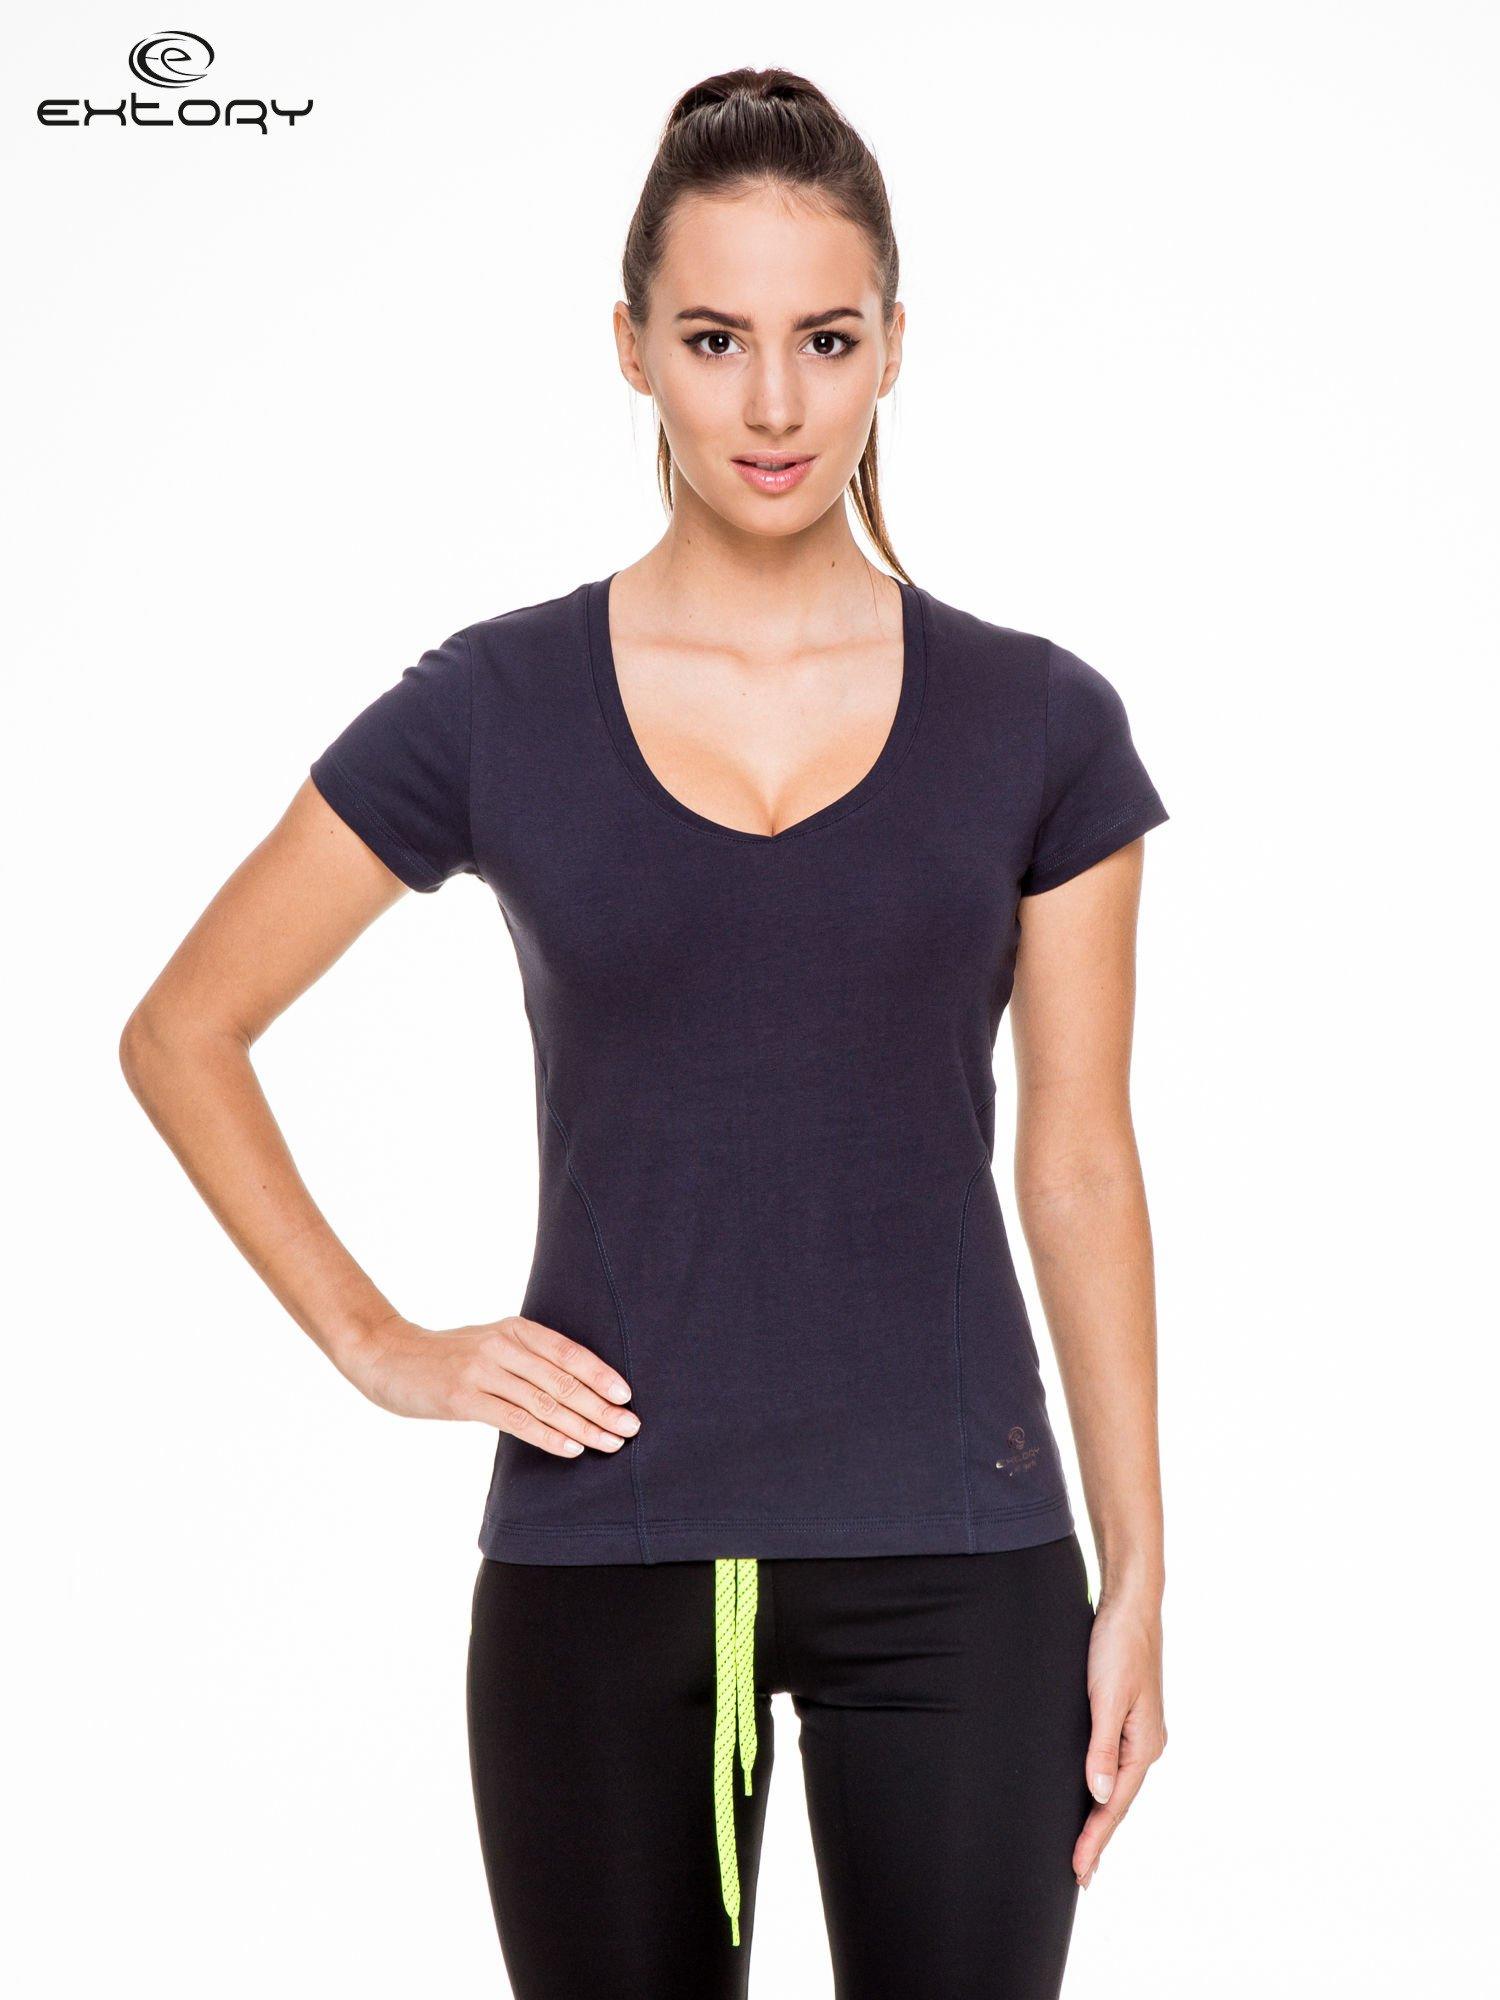 Granatowy damski t-shirt sportowy z modelującymi przeszyciami                                  zdj.                                  1